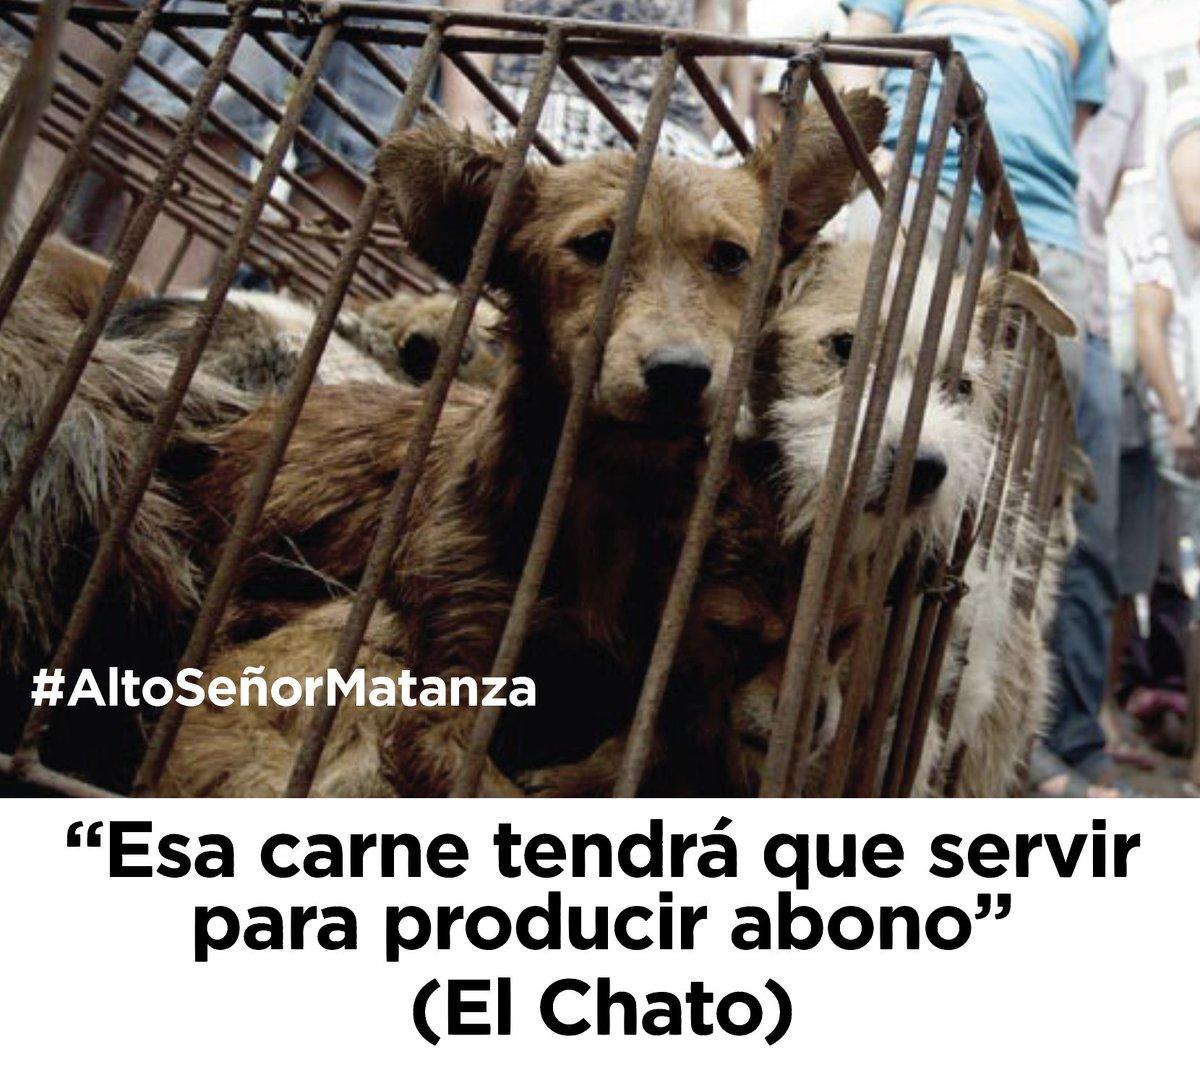 No a la institucionalización de la matanza en Loja. Aplique Política Pública de Bienestar Animal. #AltoSeñorMatanza https://t.co/DbD06nbacD